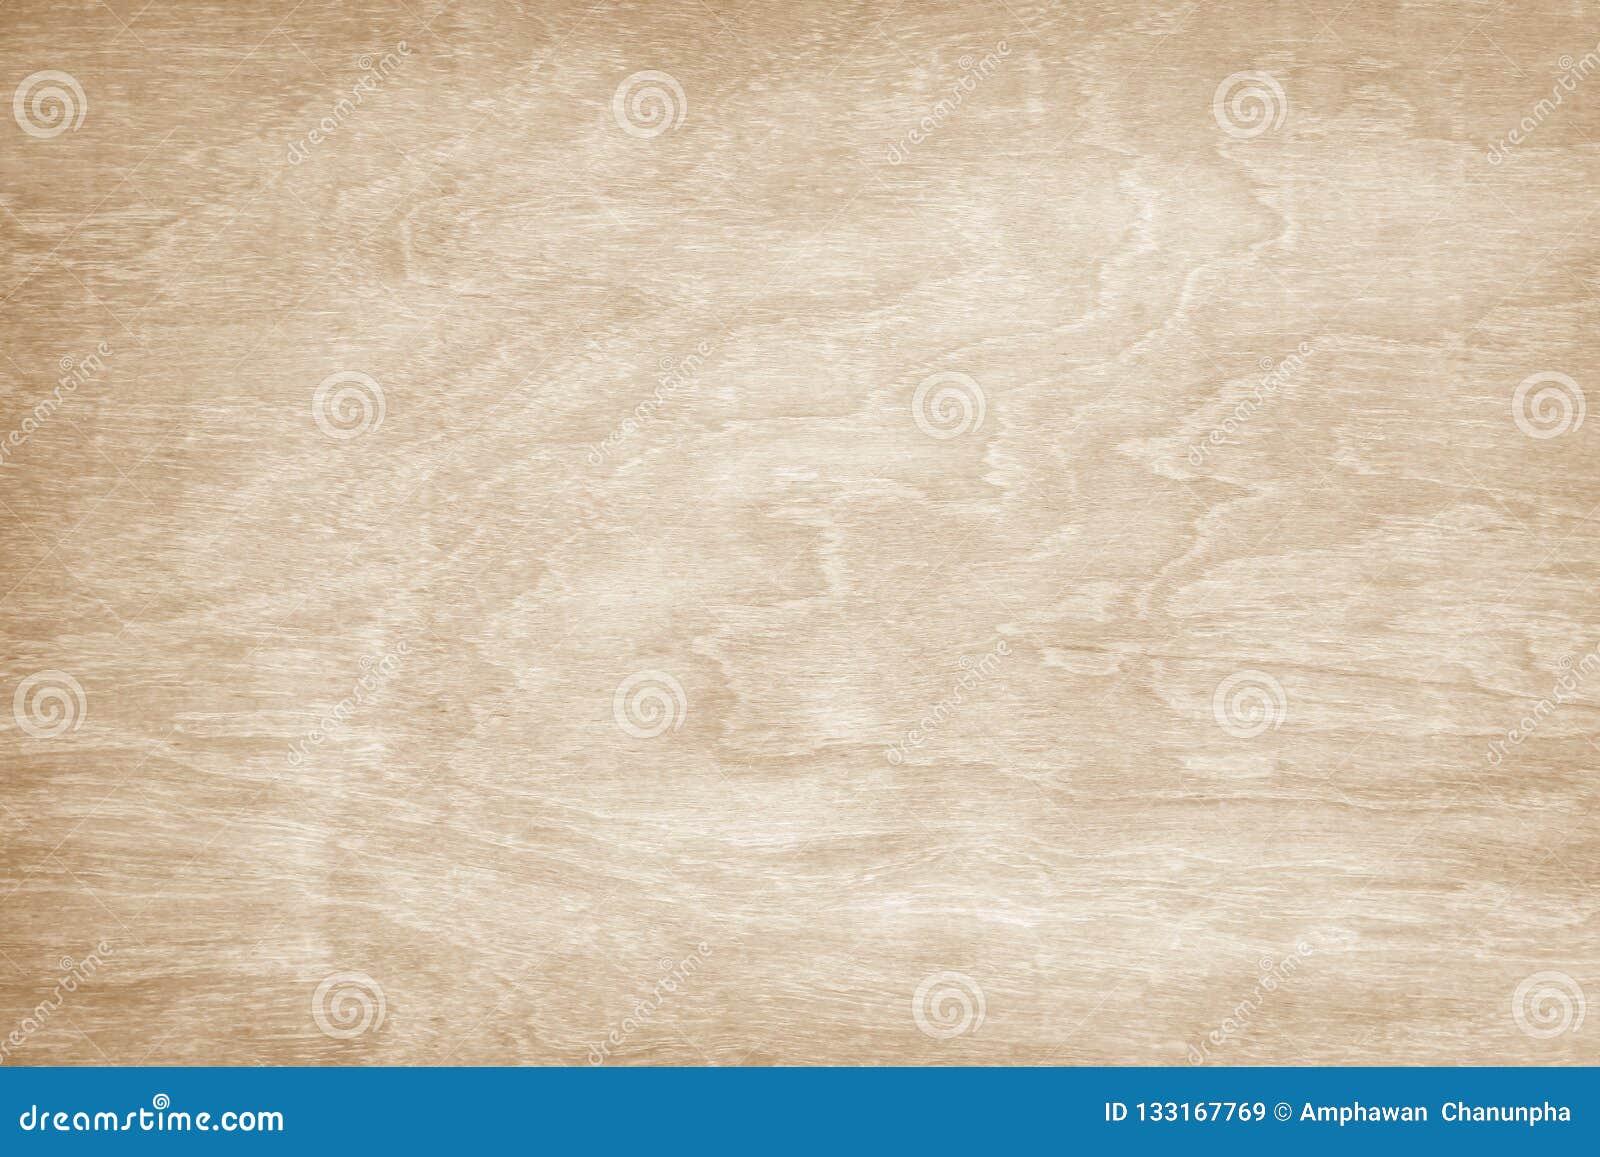 Hölzerner Wandbeschaffenheitshintergrund, hellbraune natürliche Wellenmusterzusammenfassung in horizontalem